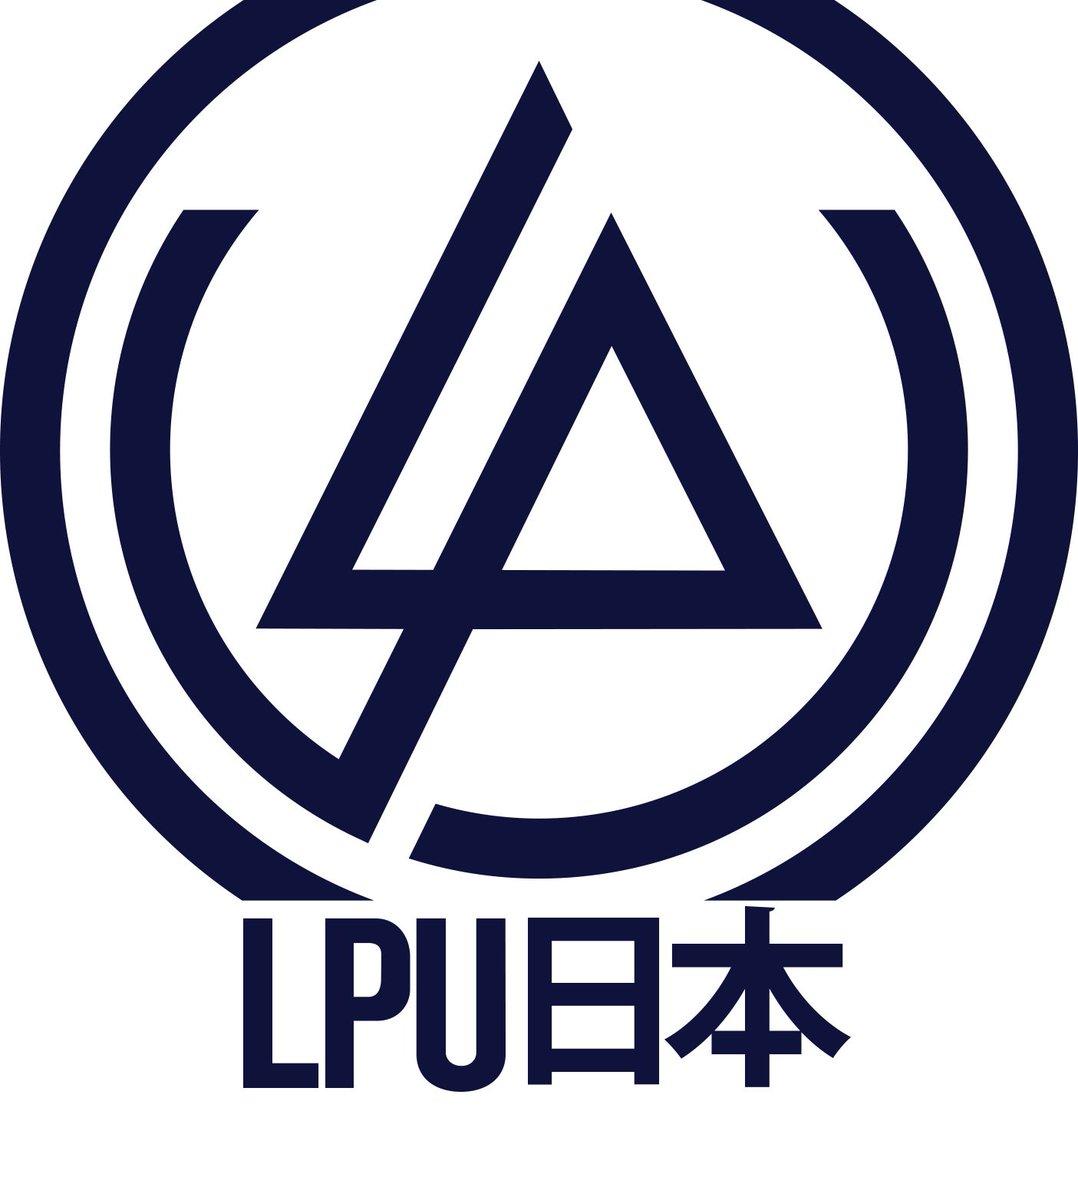 Linkin park on twitter lpu japan https linkin park on twitter lpu japan httpstle0tjrjvs2 lpu15 httpsts8mlyhy5h2 biocorpaavc